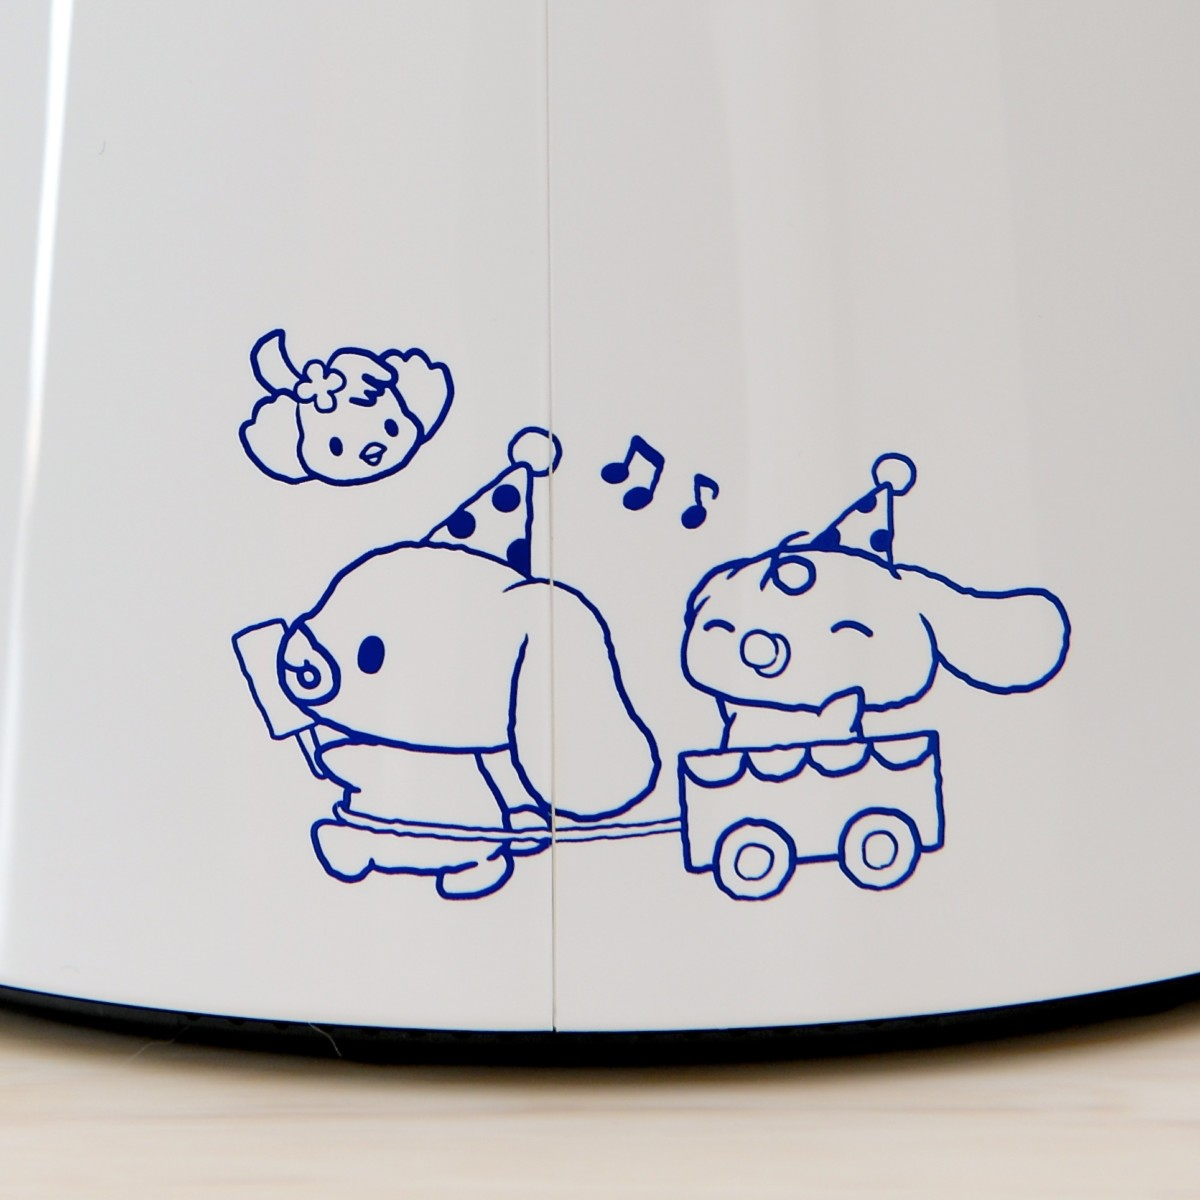 Furboドッグカメラ Cinnamoroll Limited Edition デザインアップ2